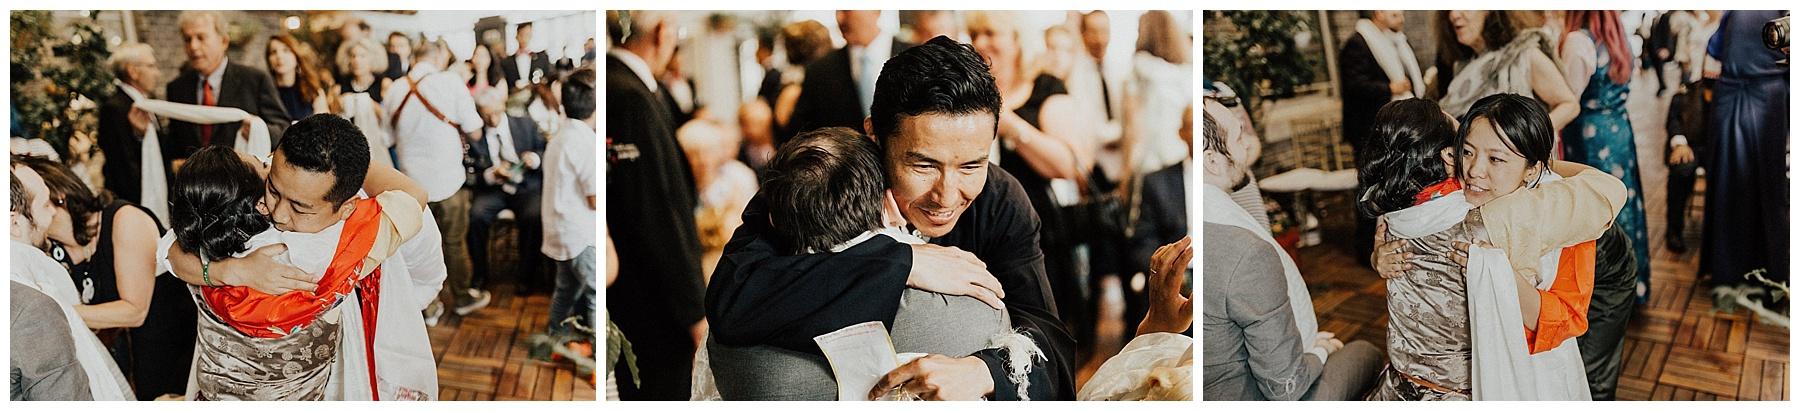 New York City Wedding New York City Wedding Photographer-19.jpg